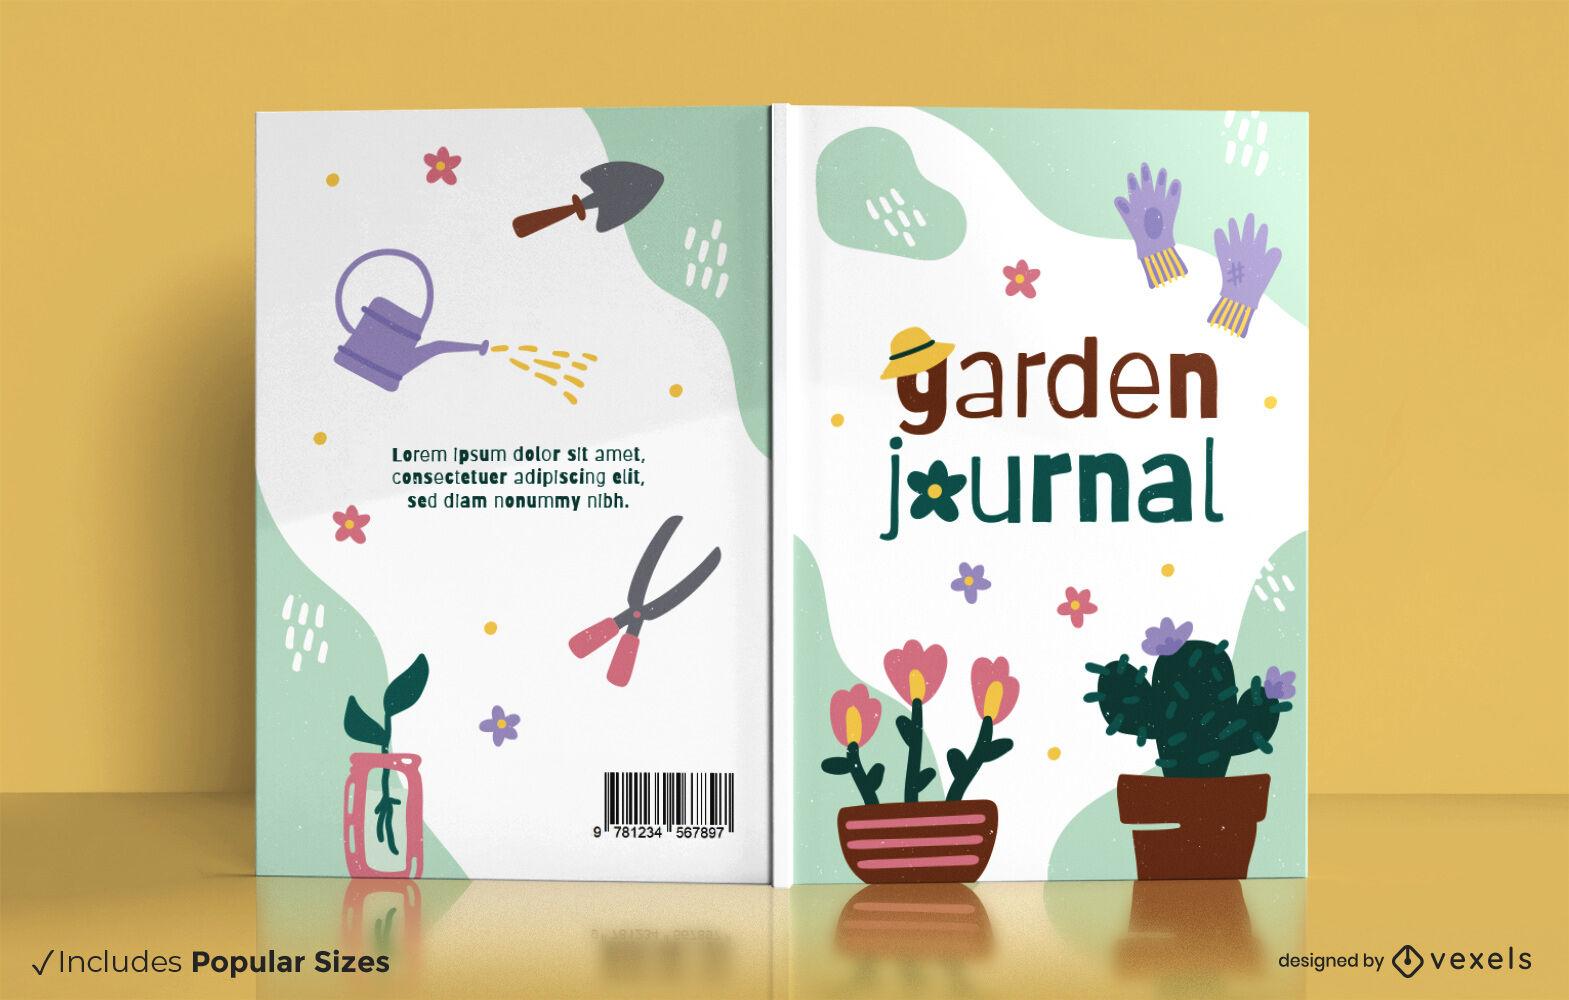 Dise?o de portada de libro de elementos de jardiner?a.